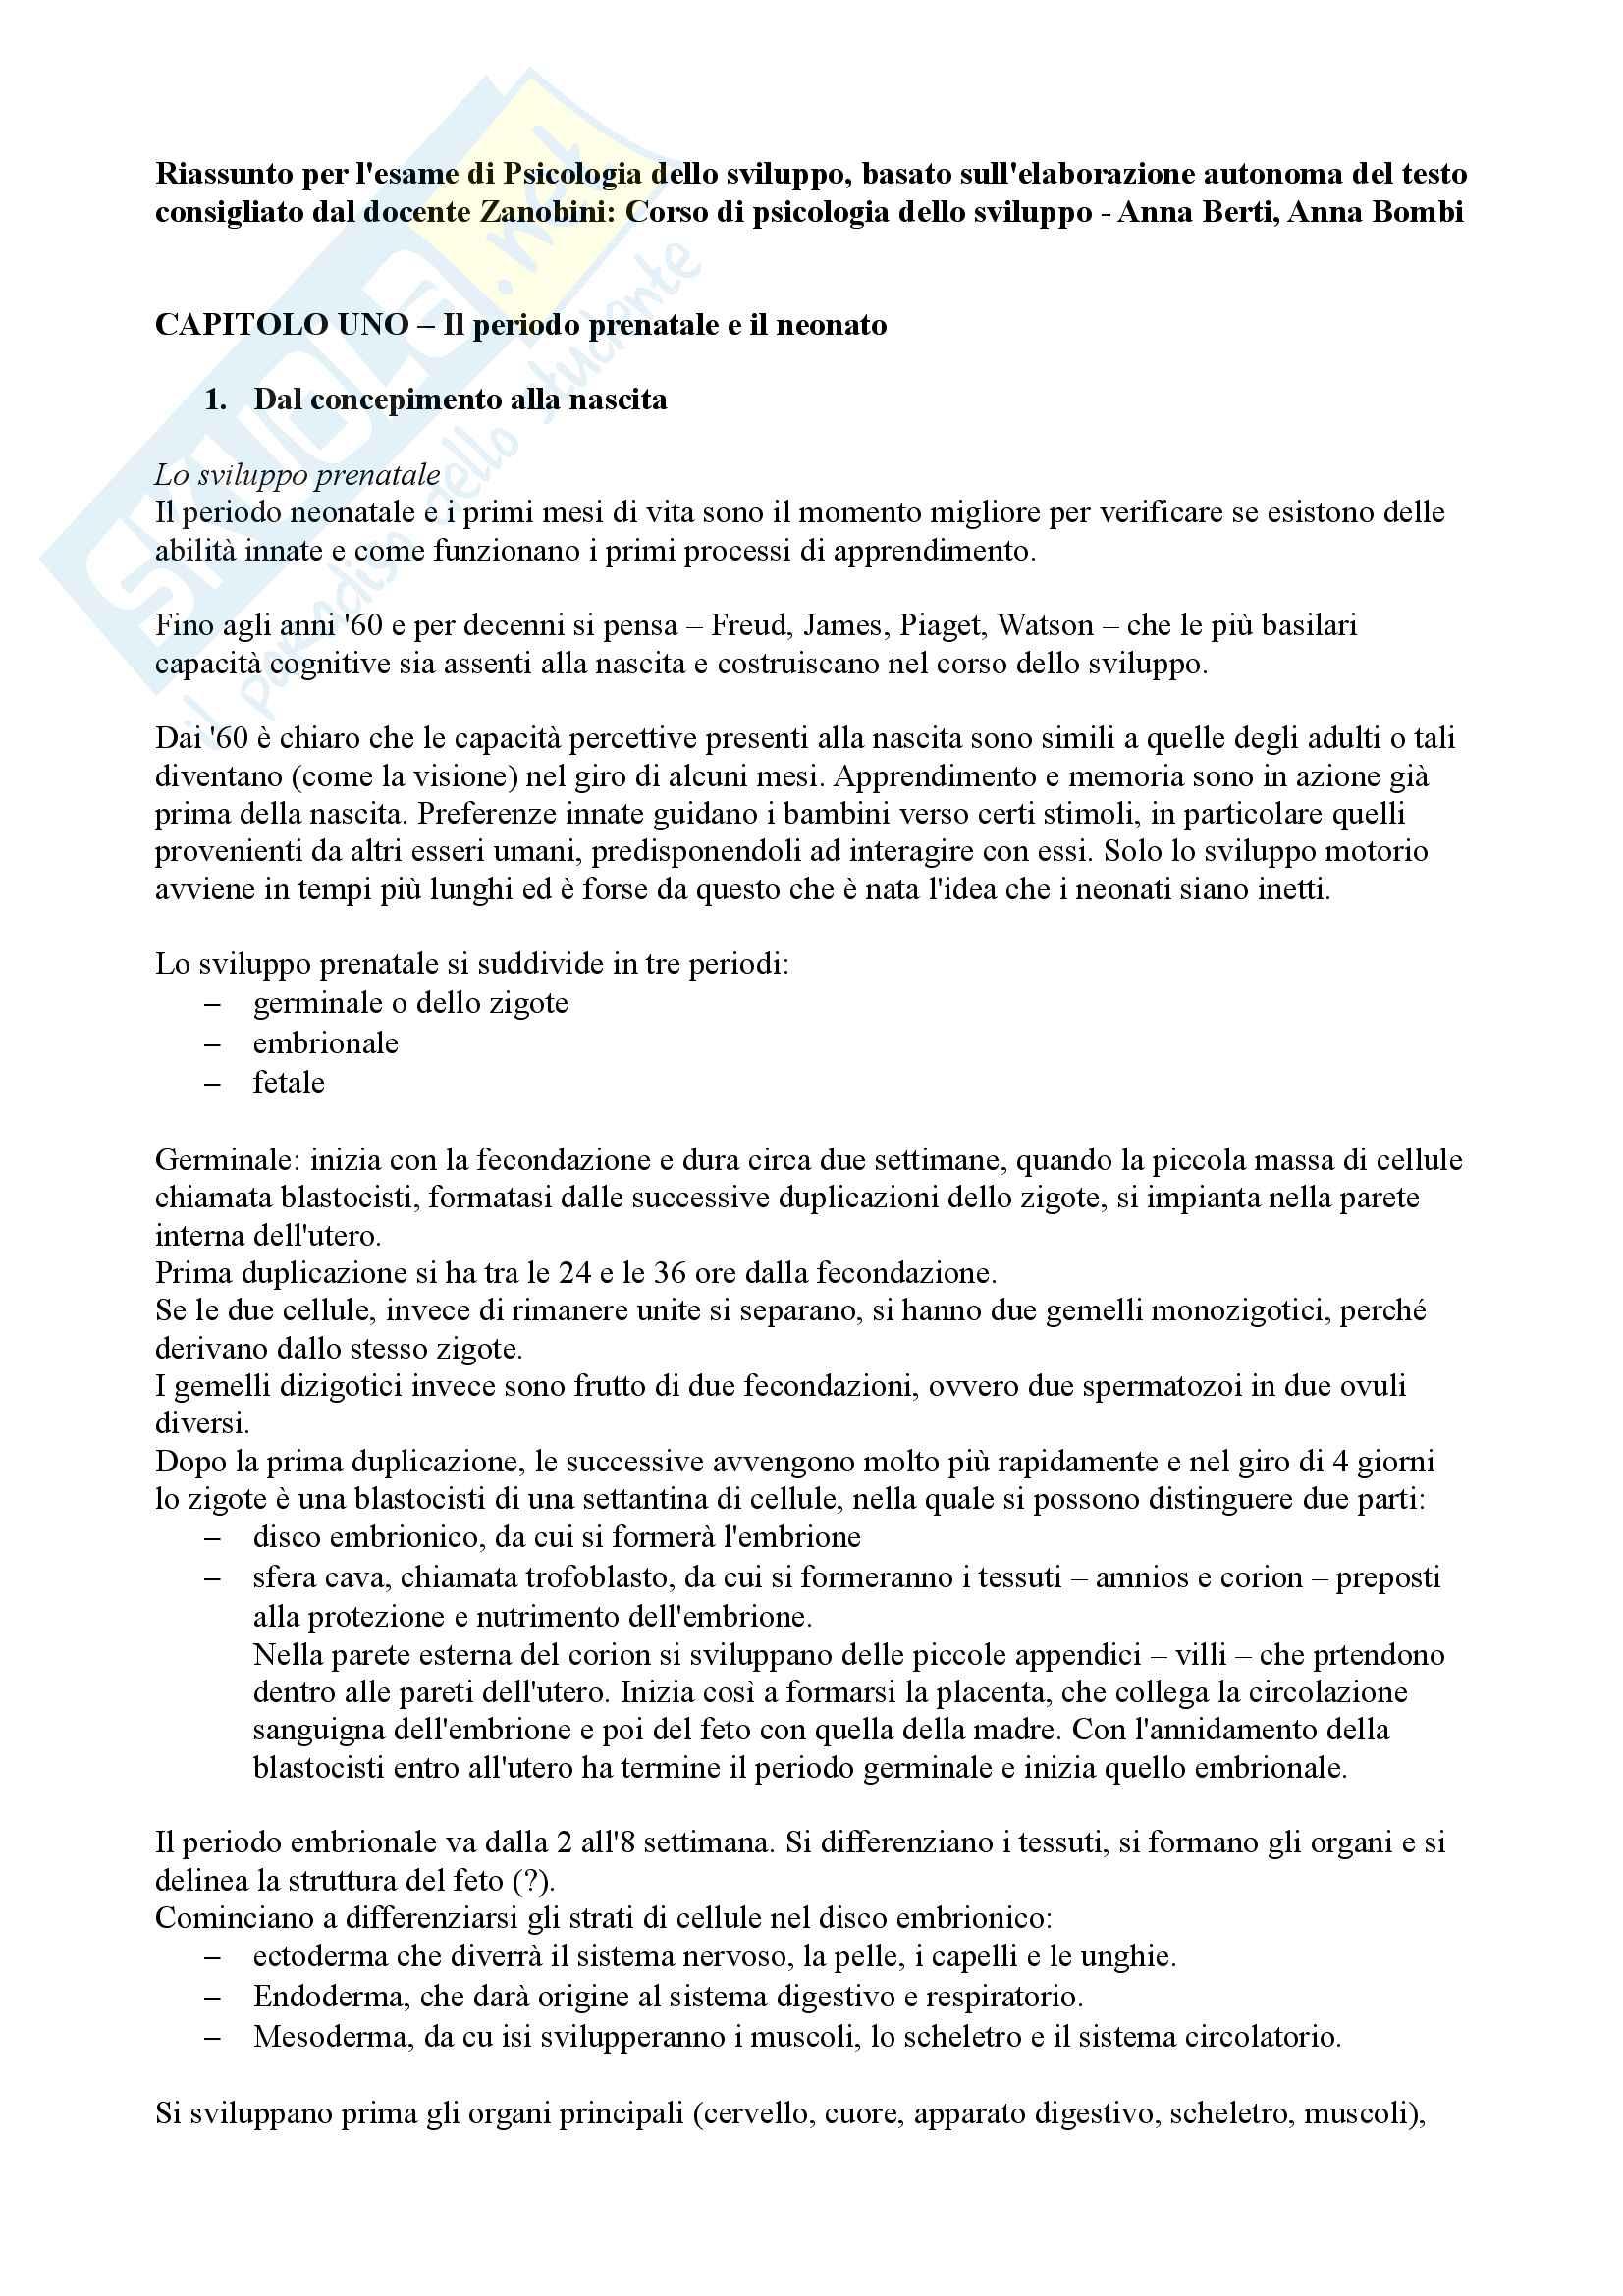 Riassunto esame per Psicologia dello sviluppo, docente Mirella Zanobini, testo consigliato Corso di psicologia dello sviluppo, Anna Berti e Anna Bombi